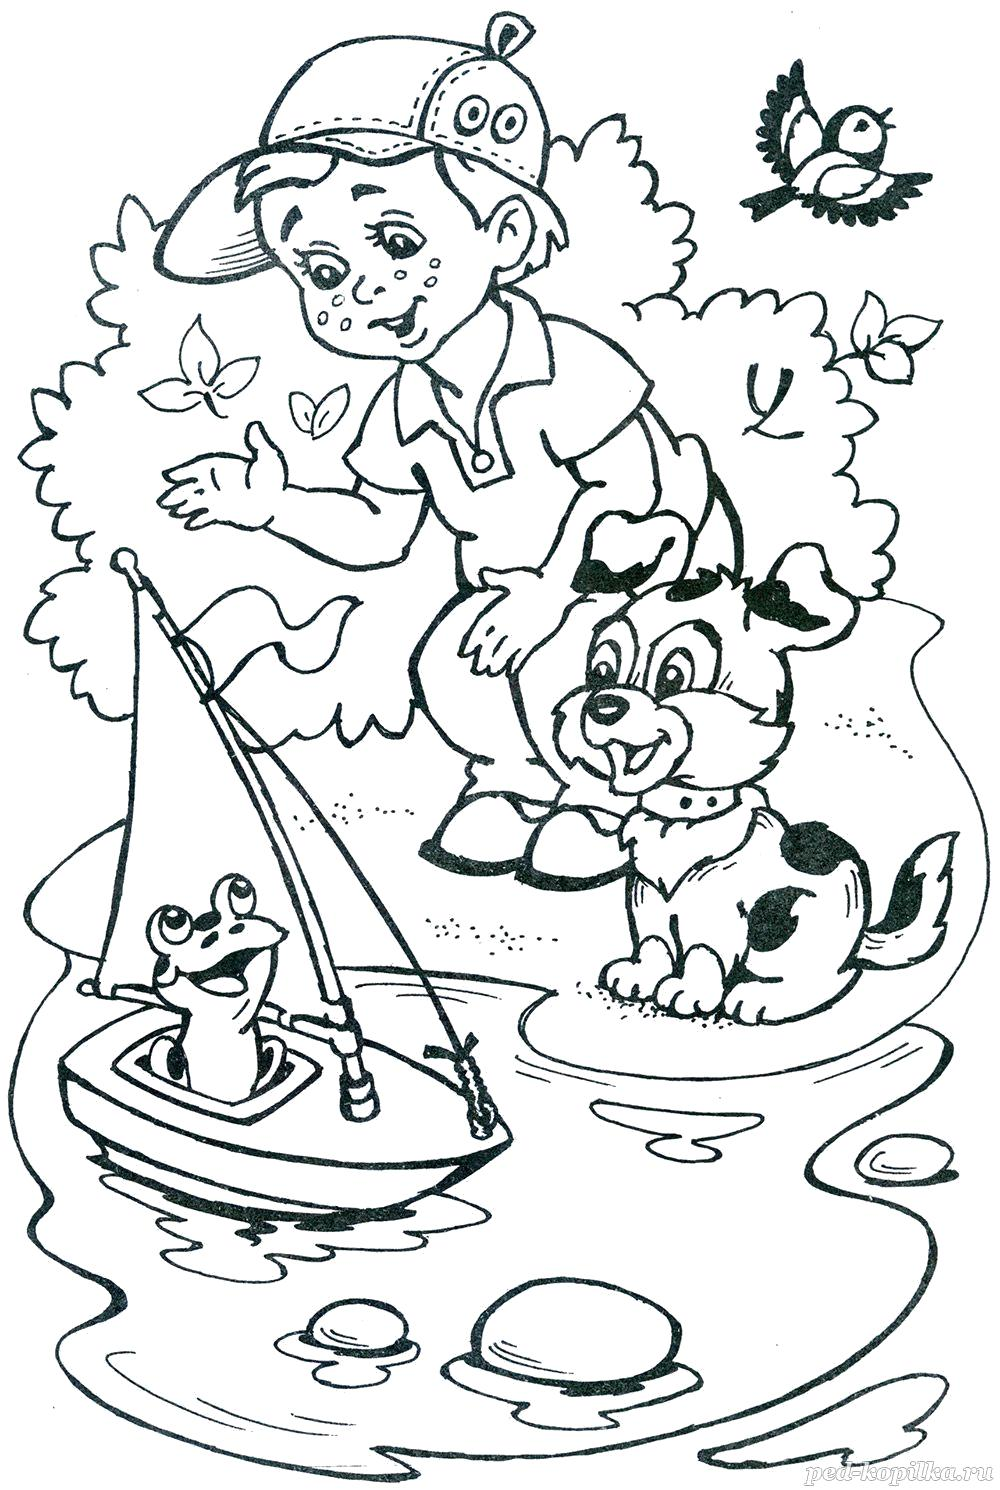 Раскраска  для детей от 5 лет на тему Лето. Мальчик с собакой запускает кораблик в пруду. Скачать Лето.  Распечатать Лето